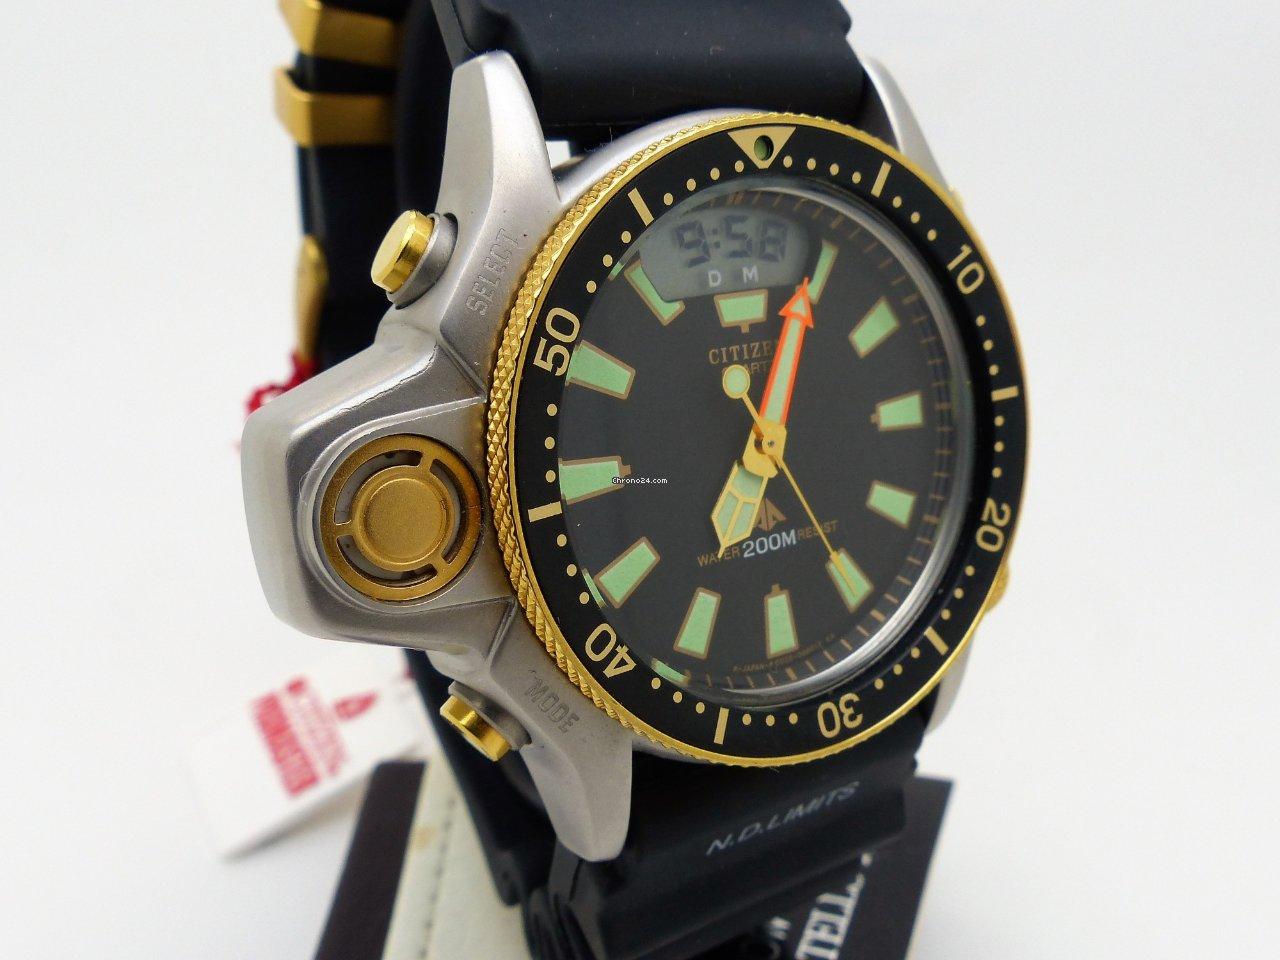 Citizen Promaster Aqualand Cal.C023 Ref  CQ-1063-50 for £1 d42994f6fd